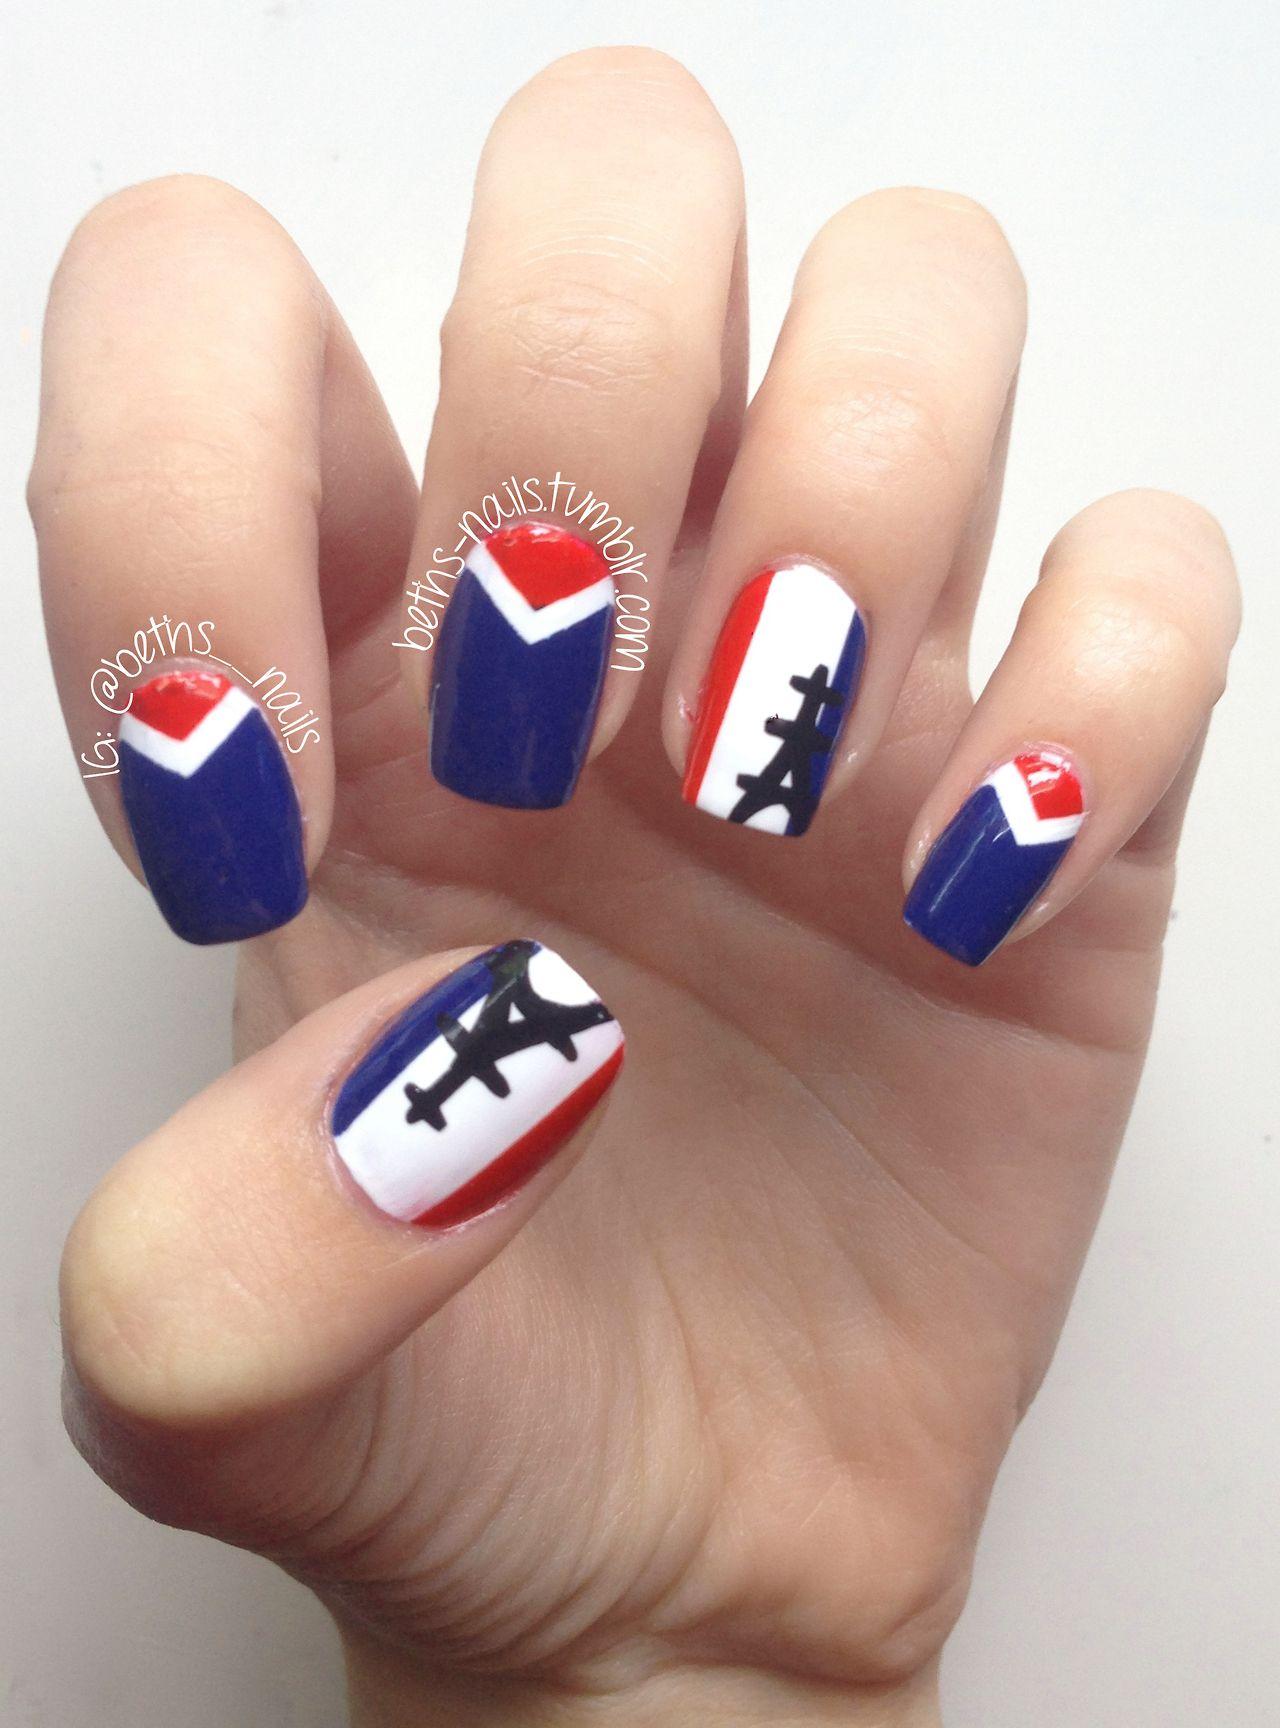 beth's nails france #nail #nails